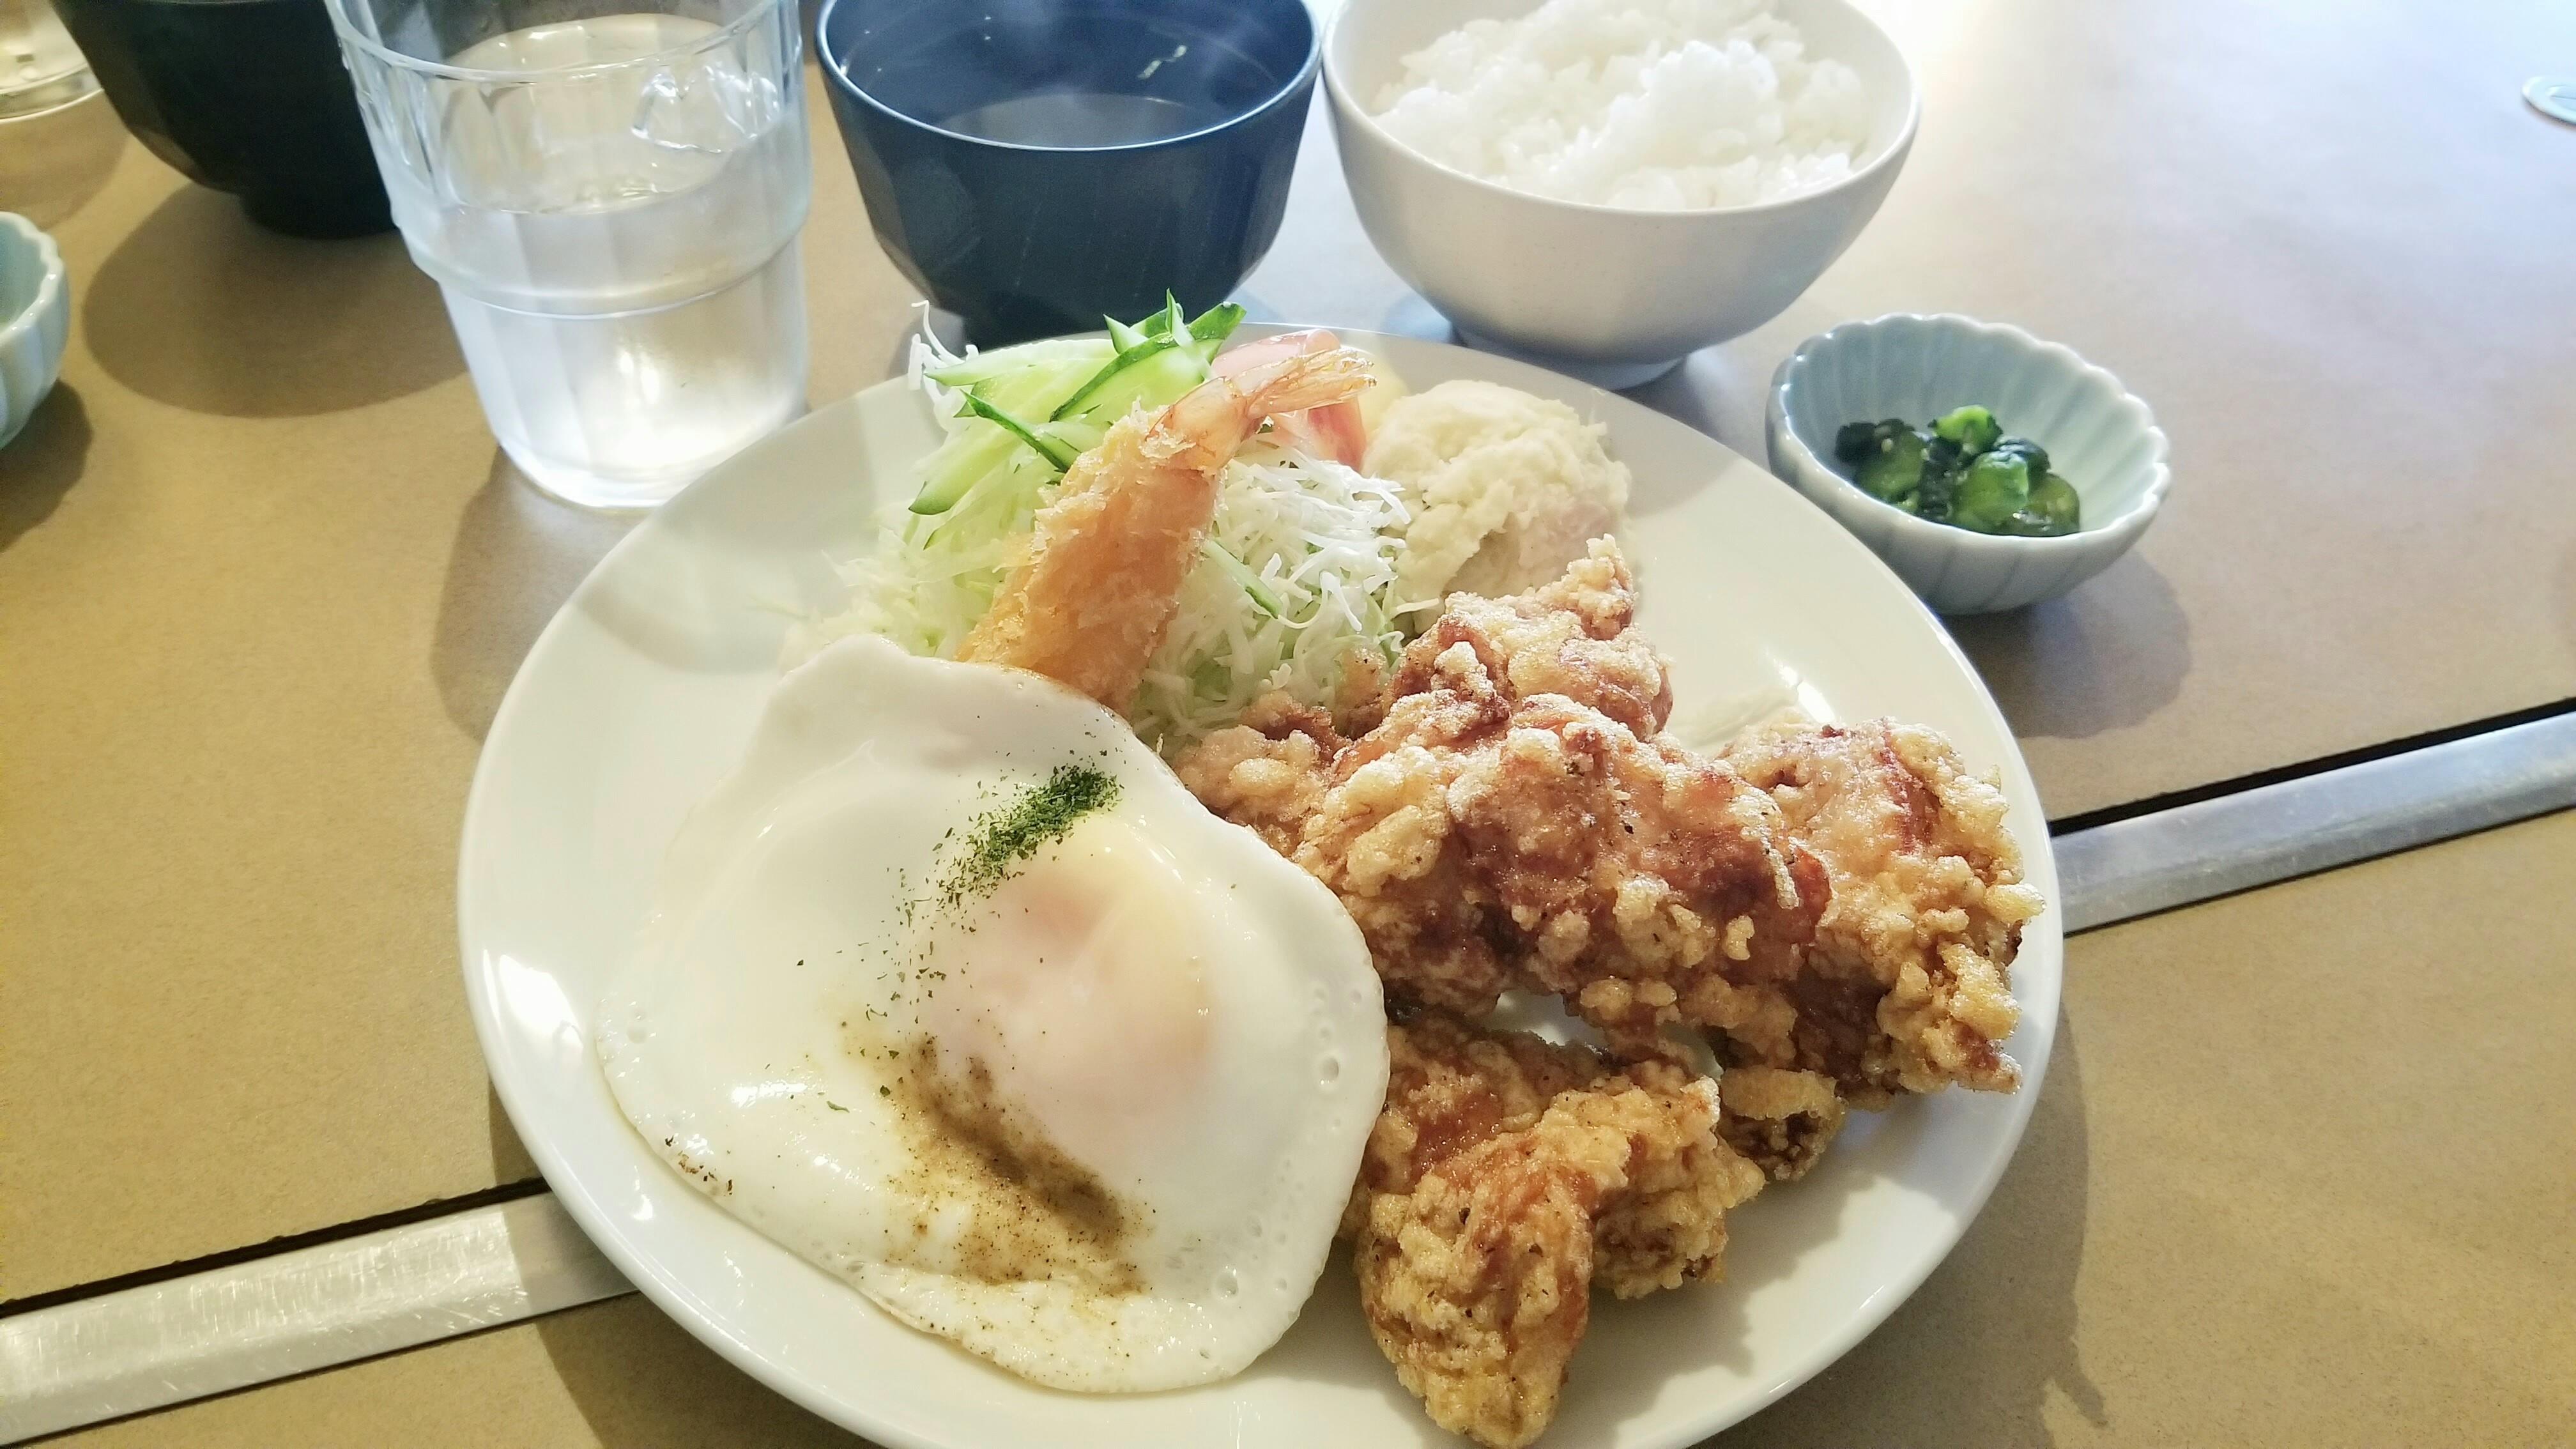 愛媛県松山市お好み焼きダイニングおがランチお得なおいしいおすすめ